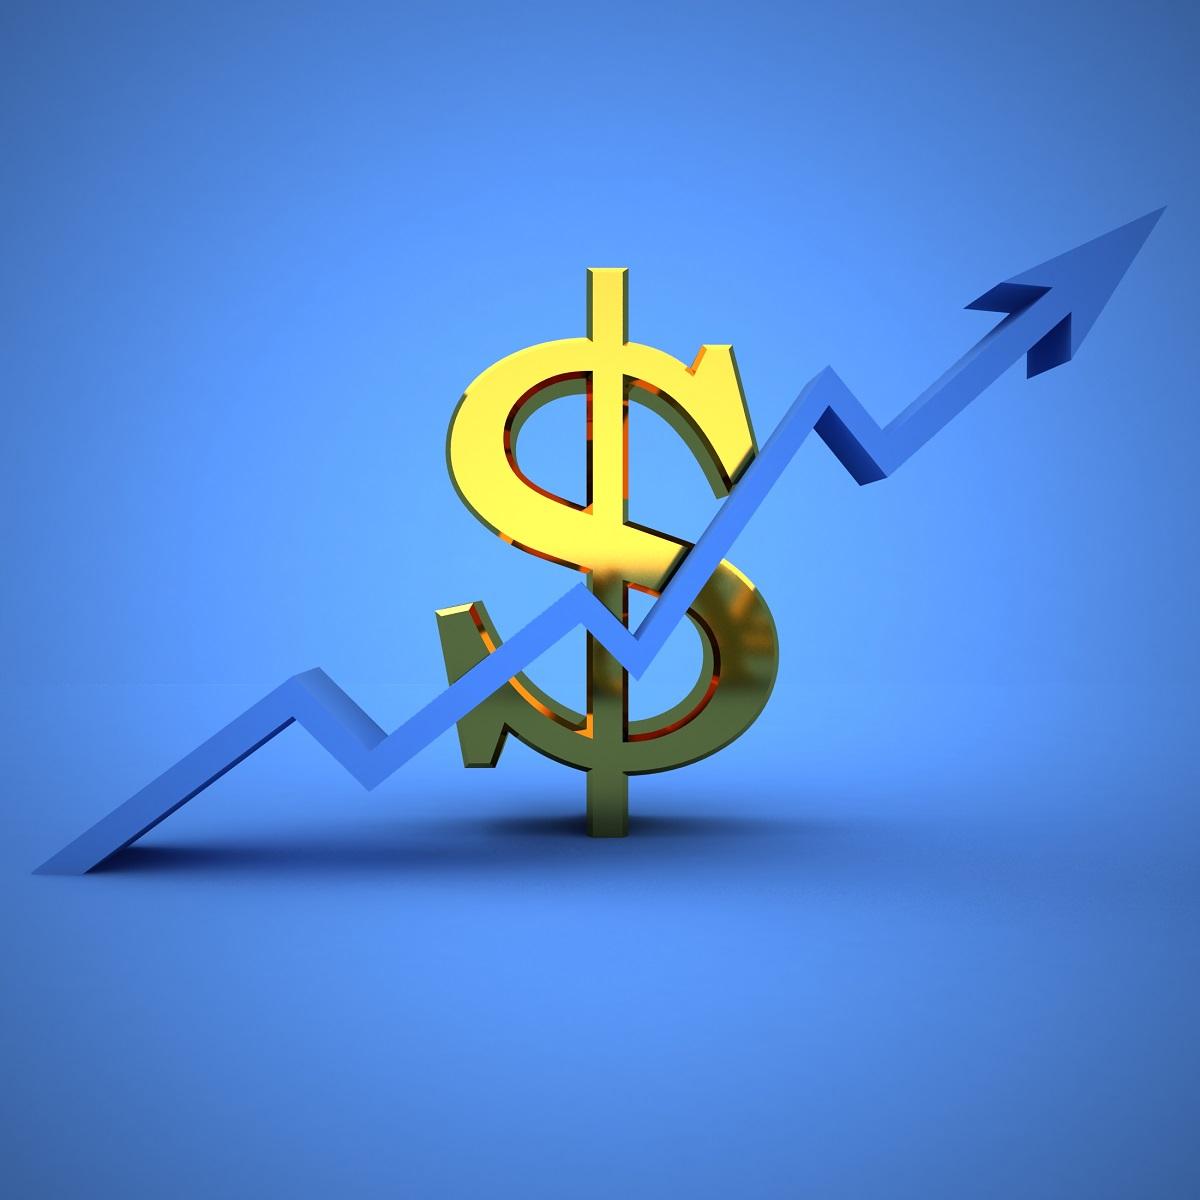 كيف يمكن لإرتفاع الدولار أن يؤدي إلى أزمة مالية عالمية جديدة